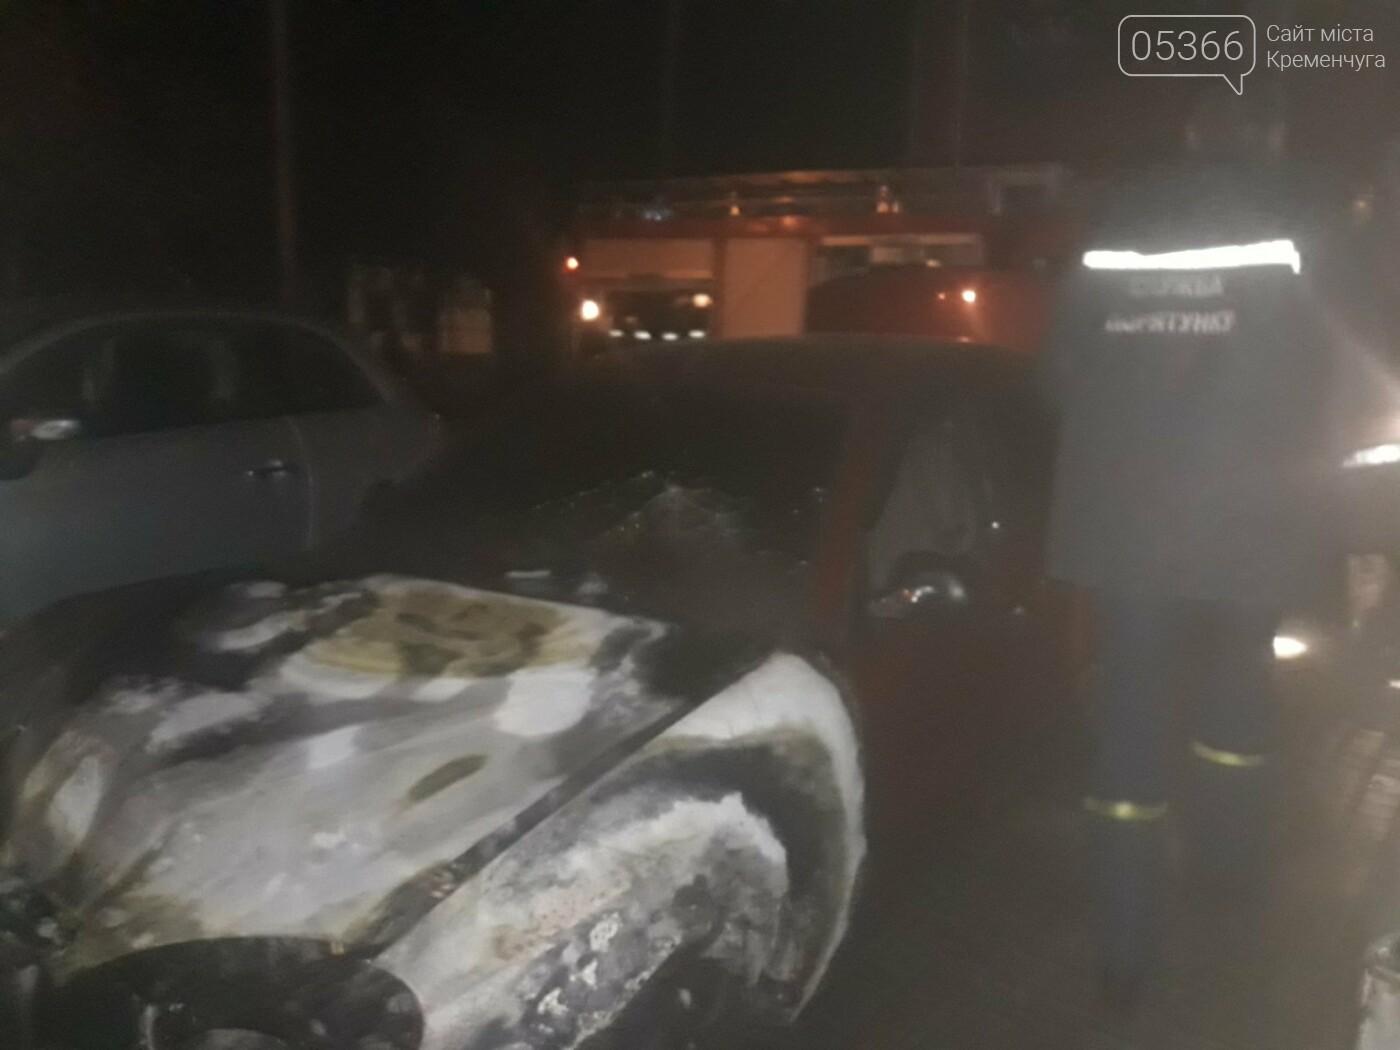 Автомобільна пожежа: у Кременчуці вночі згоріли три легковики, фото-3